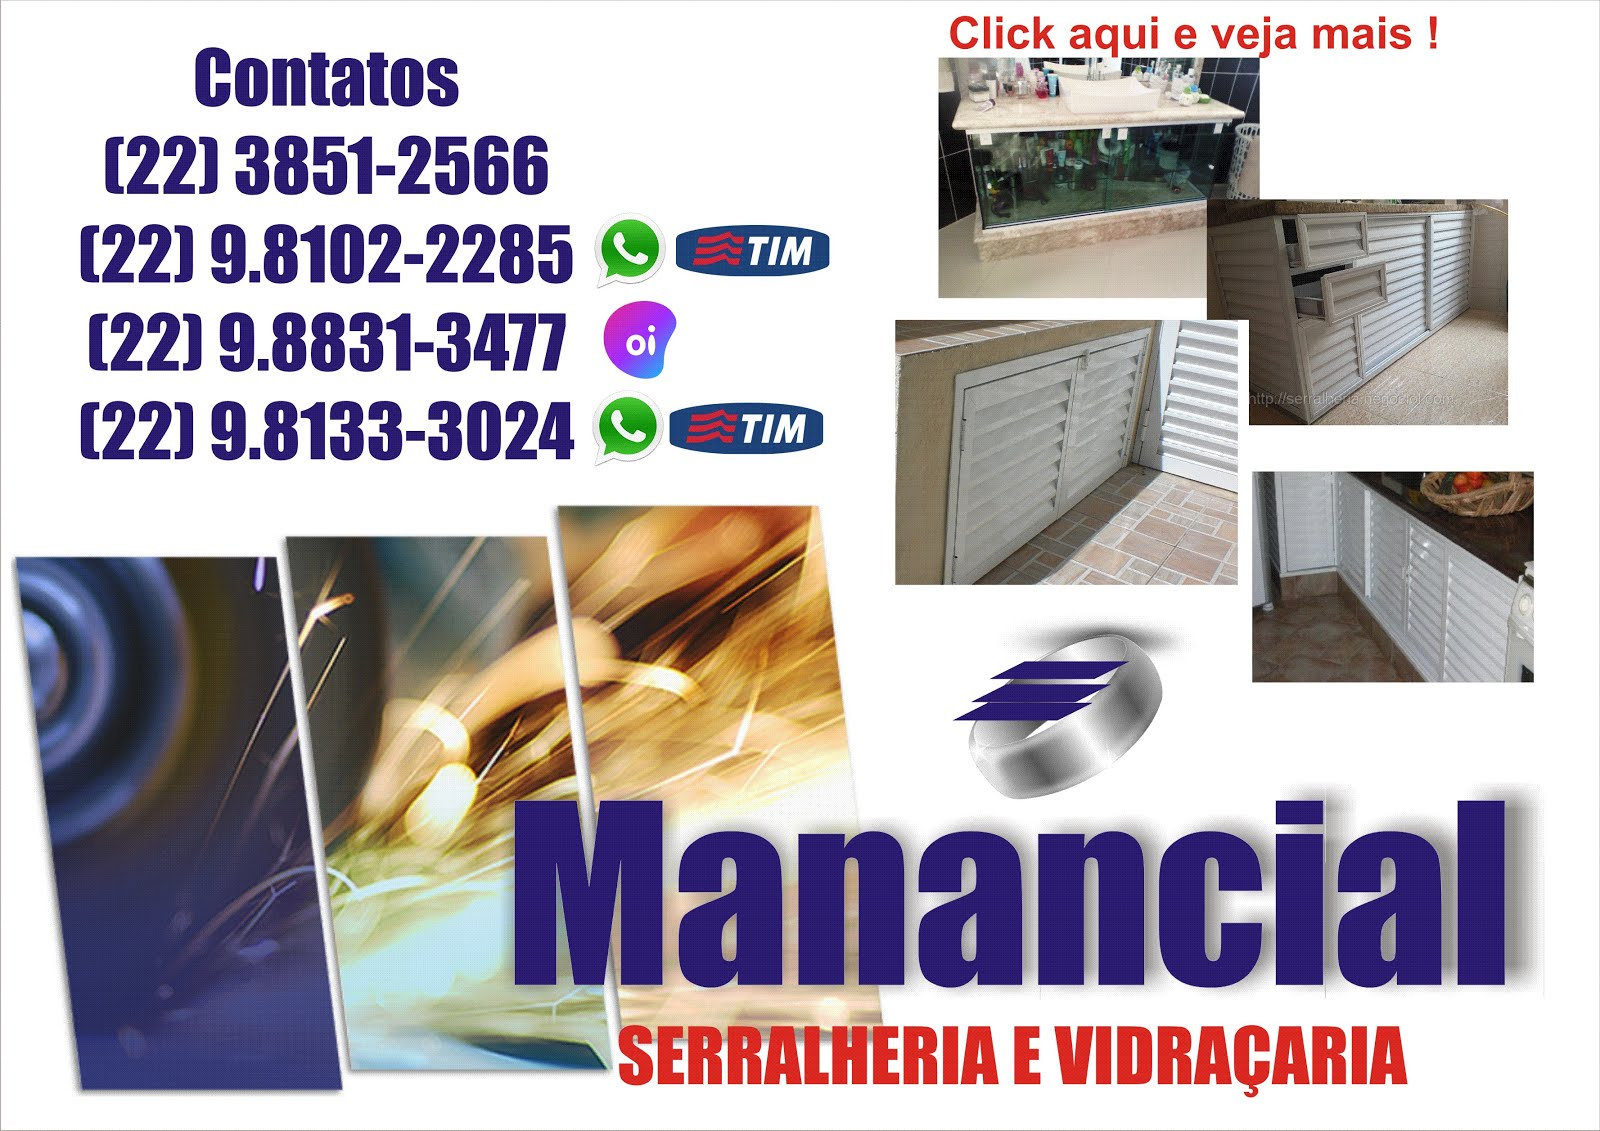 Manancial Serralheria